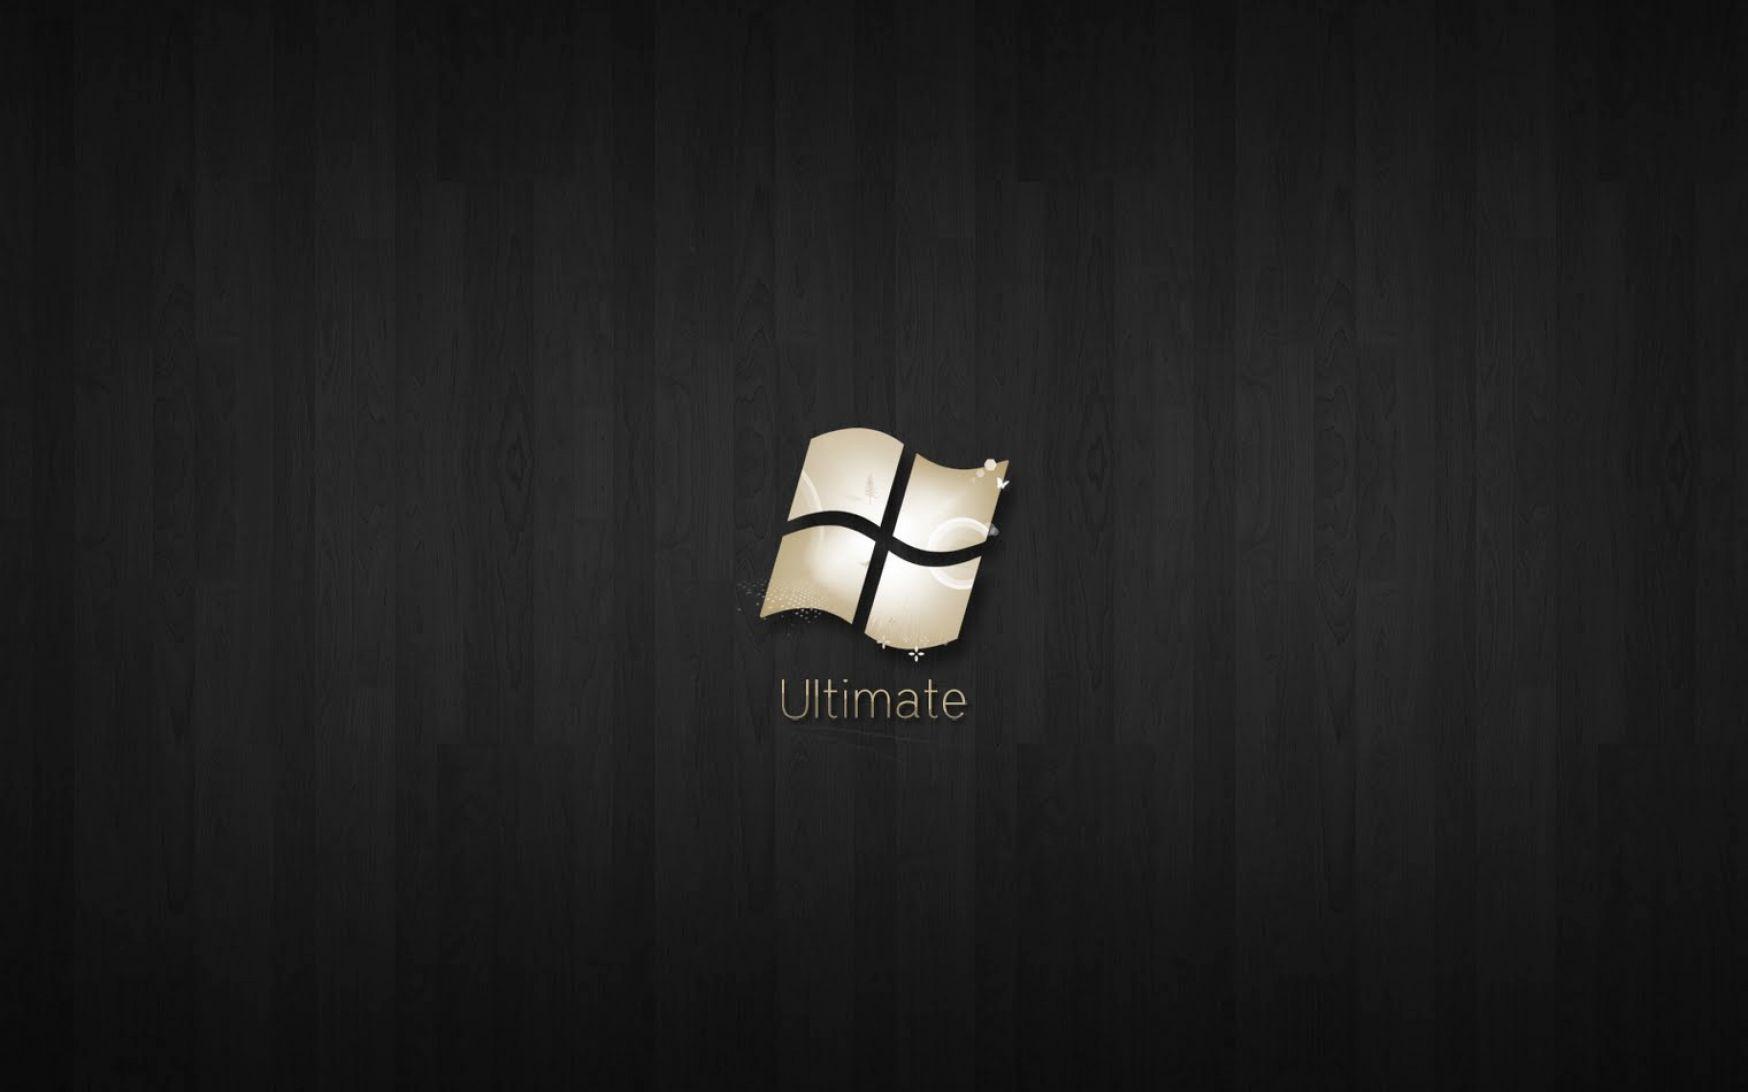 ТОП 3 способа Как установить драйвера на Windows 7: Скачать Драйвера На Windows Xp Black